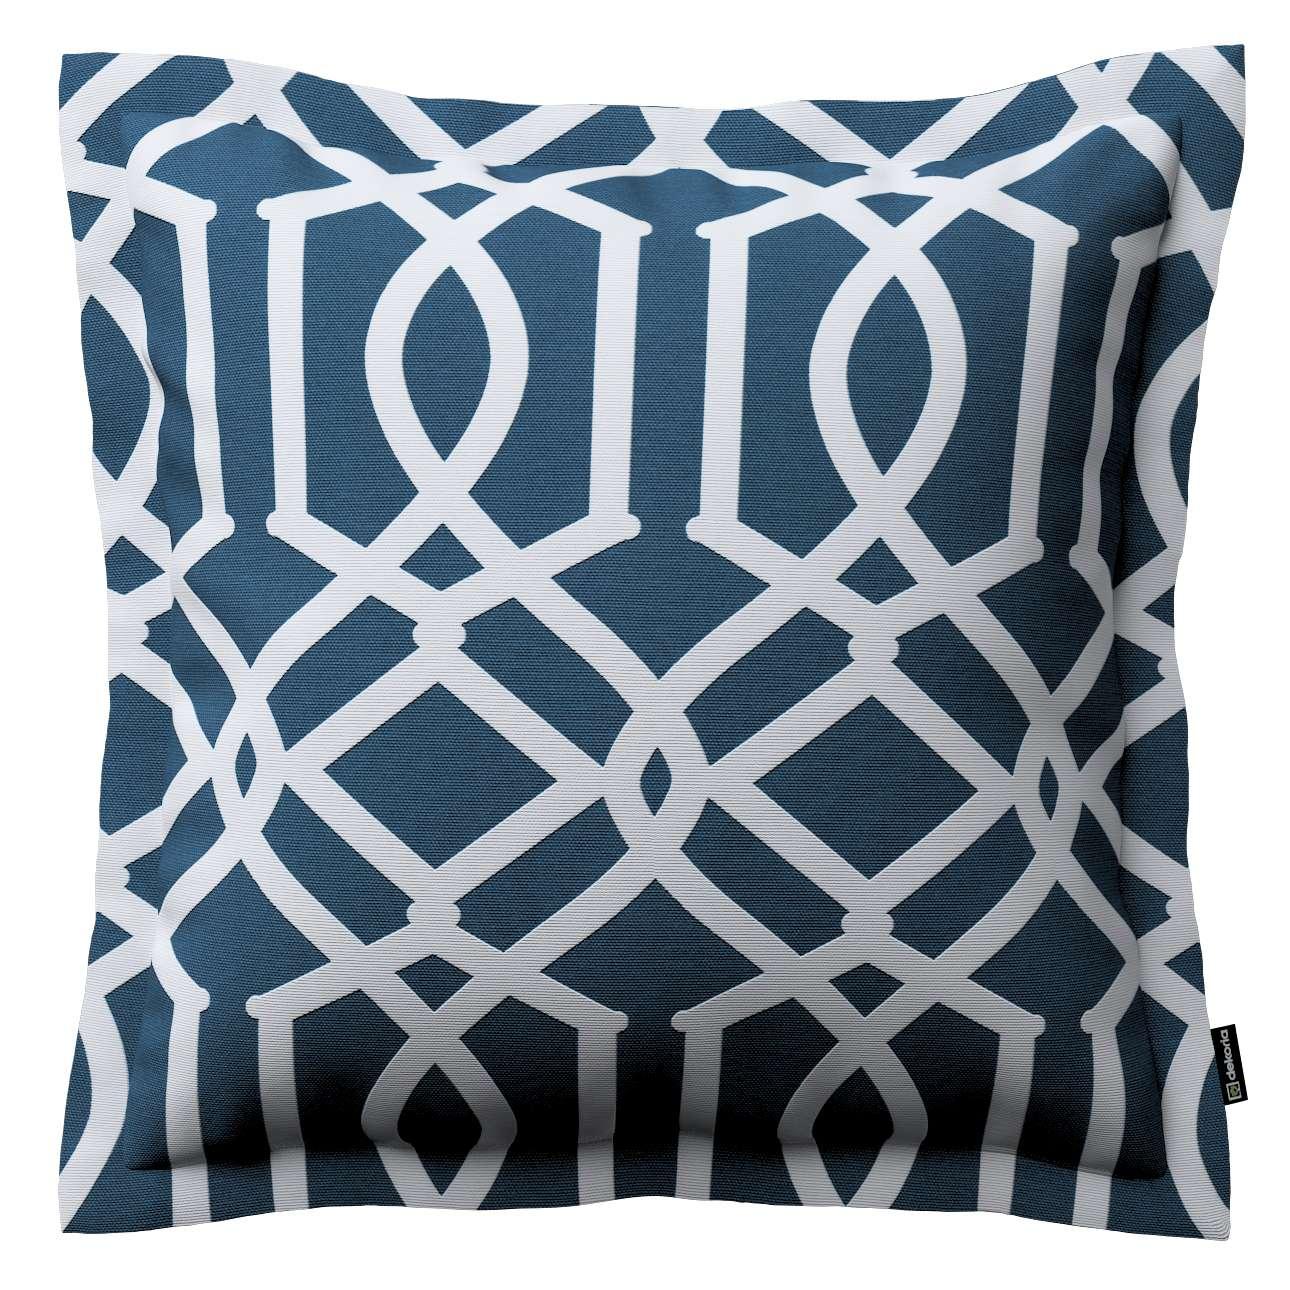 Mona dekoratyvinių pagalvėlių užvalkalas su sienele 45 x 45cm kolekcijoje Comics Prints, audinys: 135-10